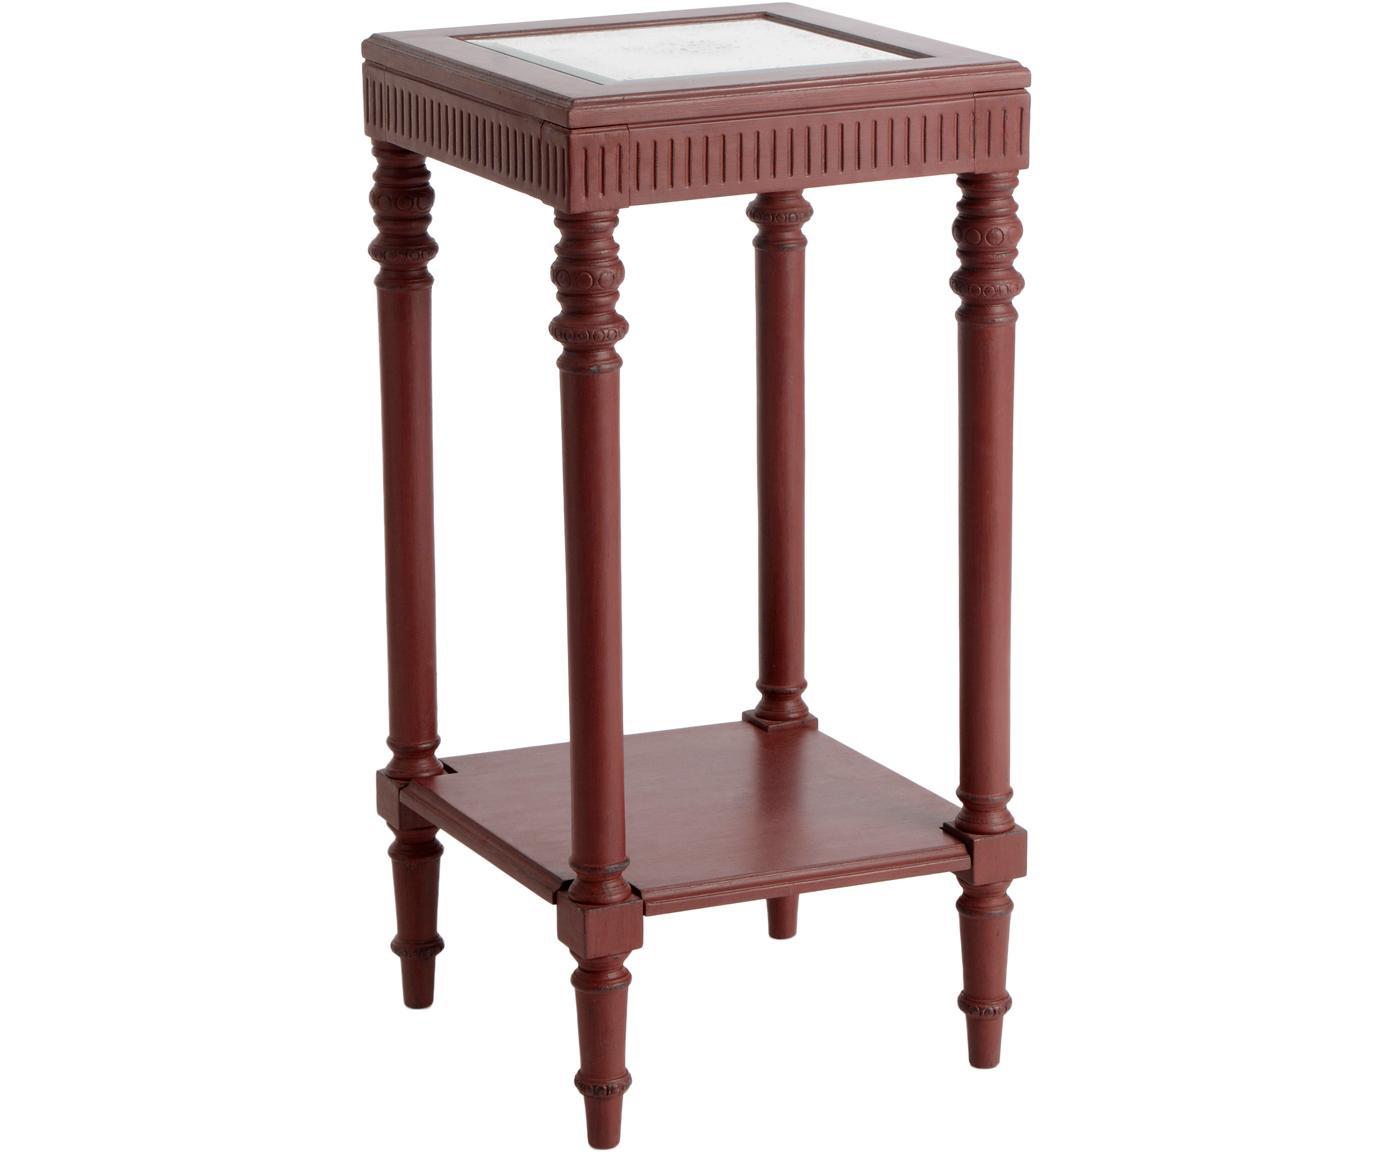 Mesa auxiliar Marsala, Estructura: madera, Tablero: fibras de densidad media , Marrón, An 40 x Al 85 cm